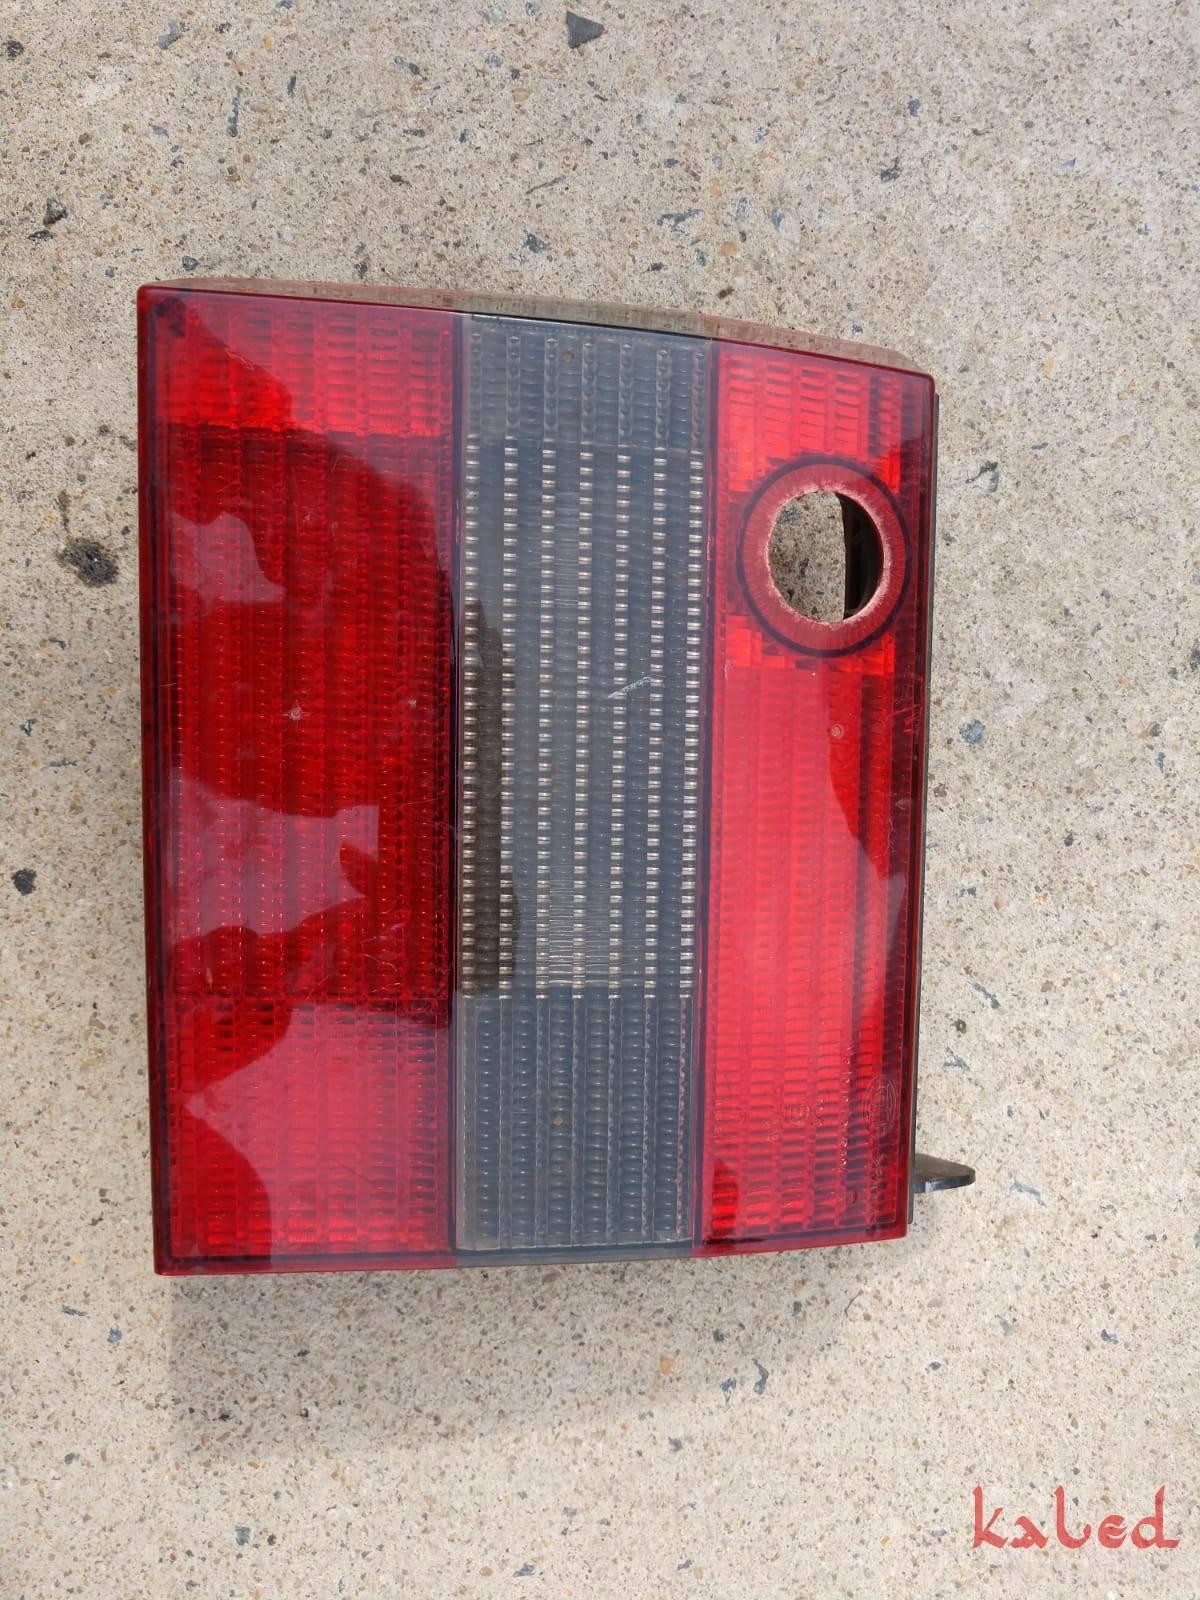 Lanterna direita VW Passat 1995 original - Kaled Auto Parts